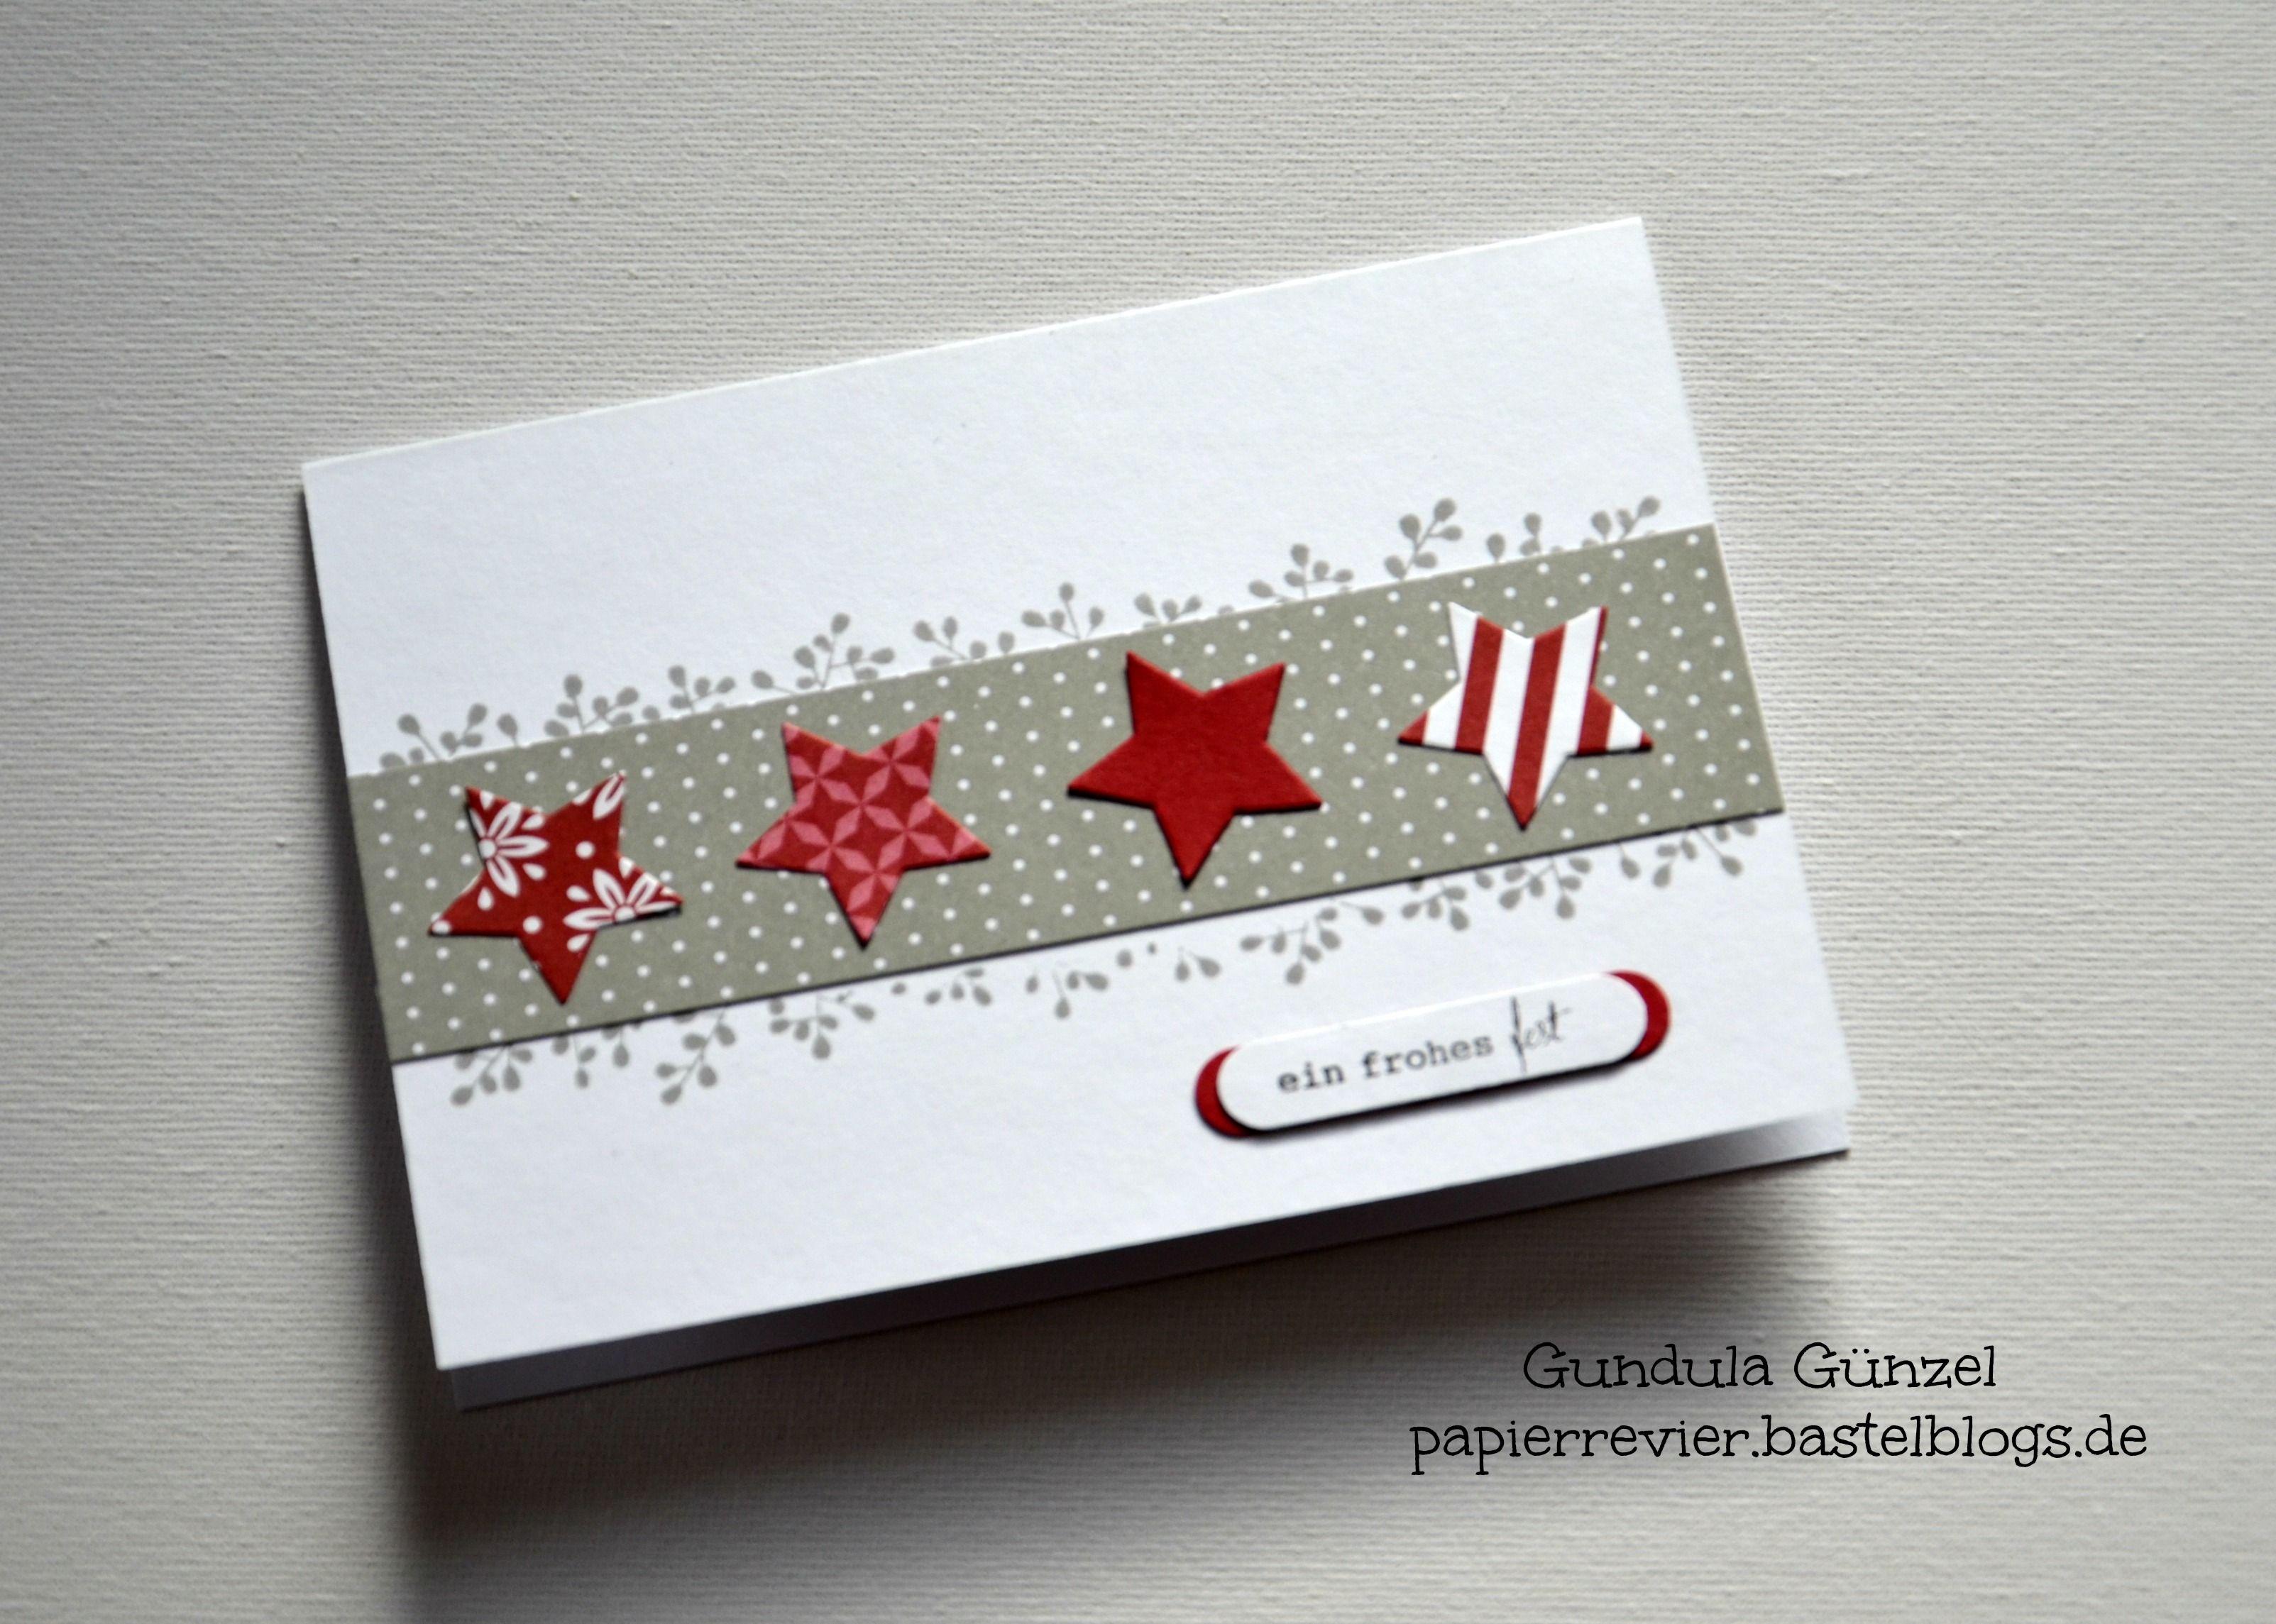 Eine schöne Weihnachtskarte | cards christmas | Pinterest | Cards ...